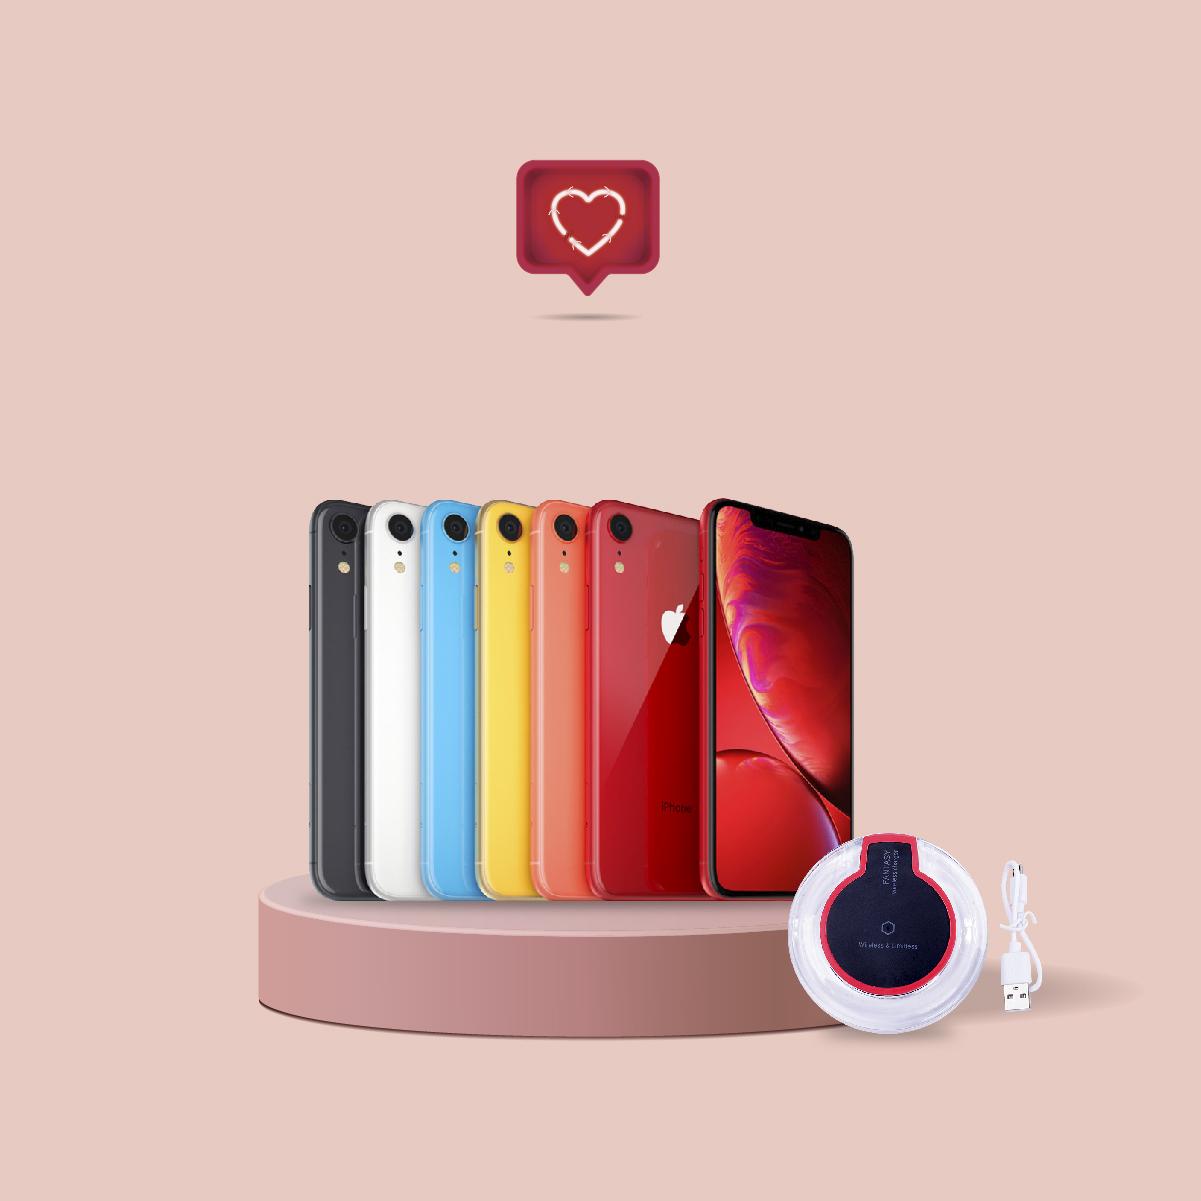 iPhone XR (64 GB) - Nuevo + Cargador inalámbrico